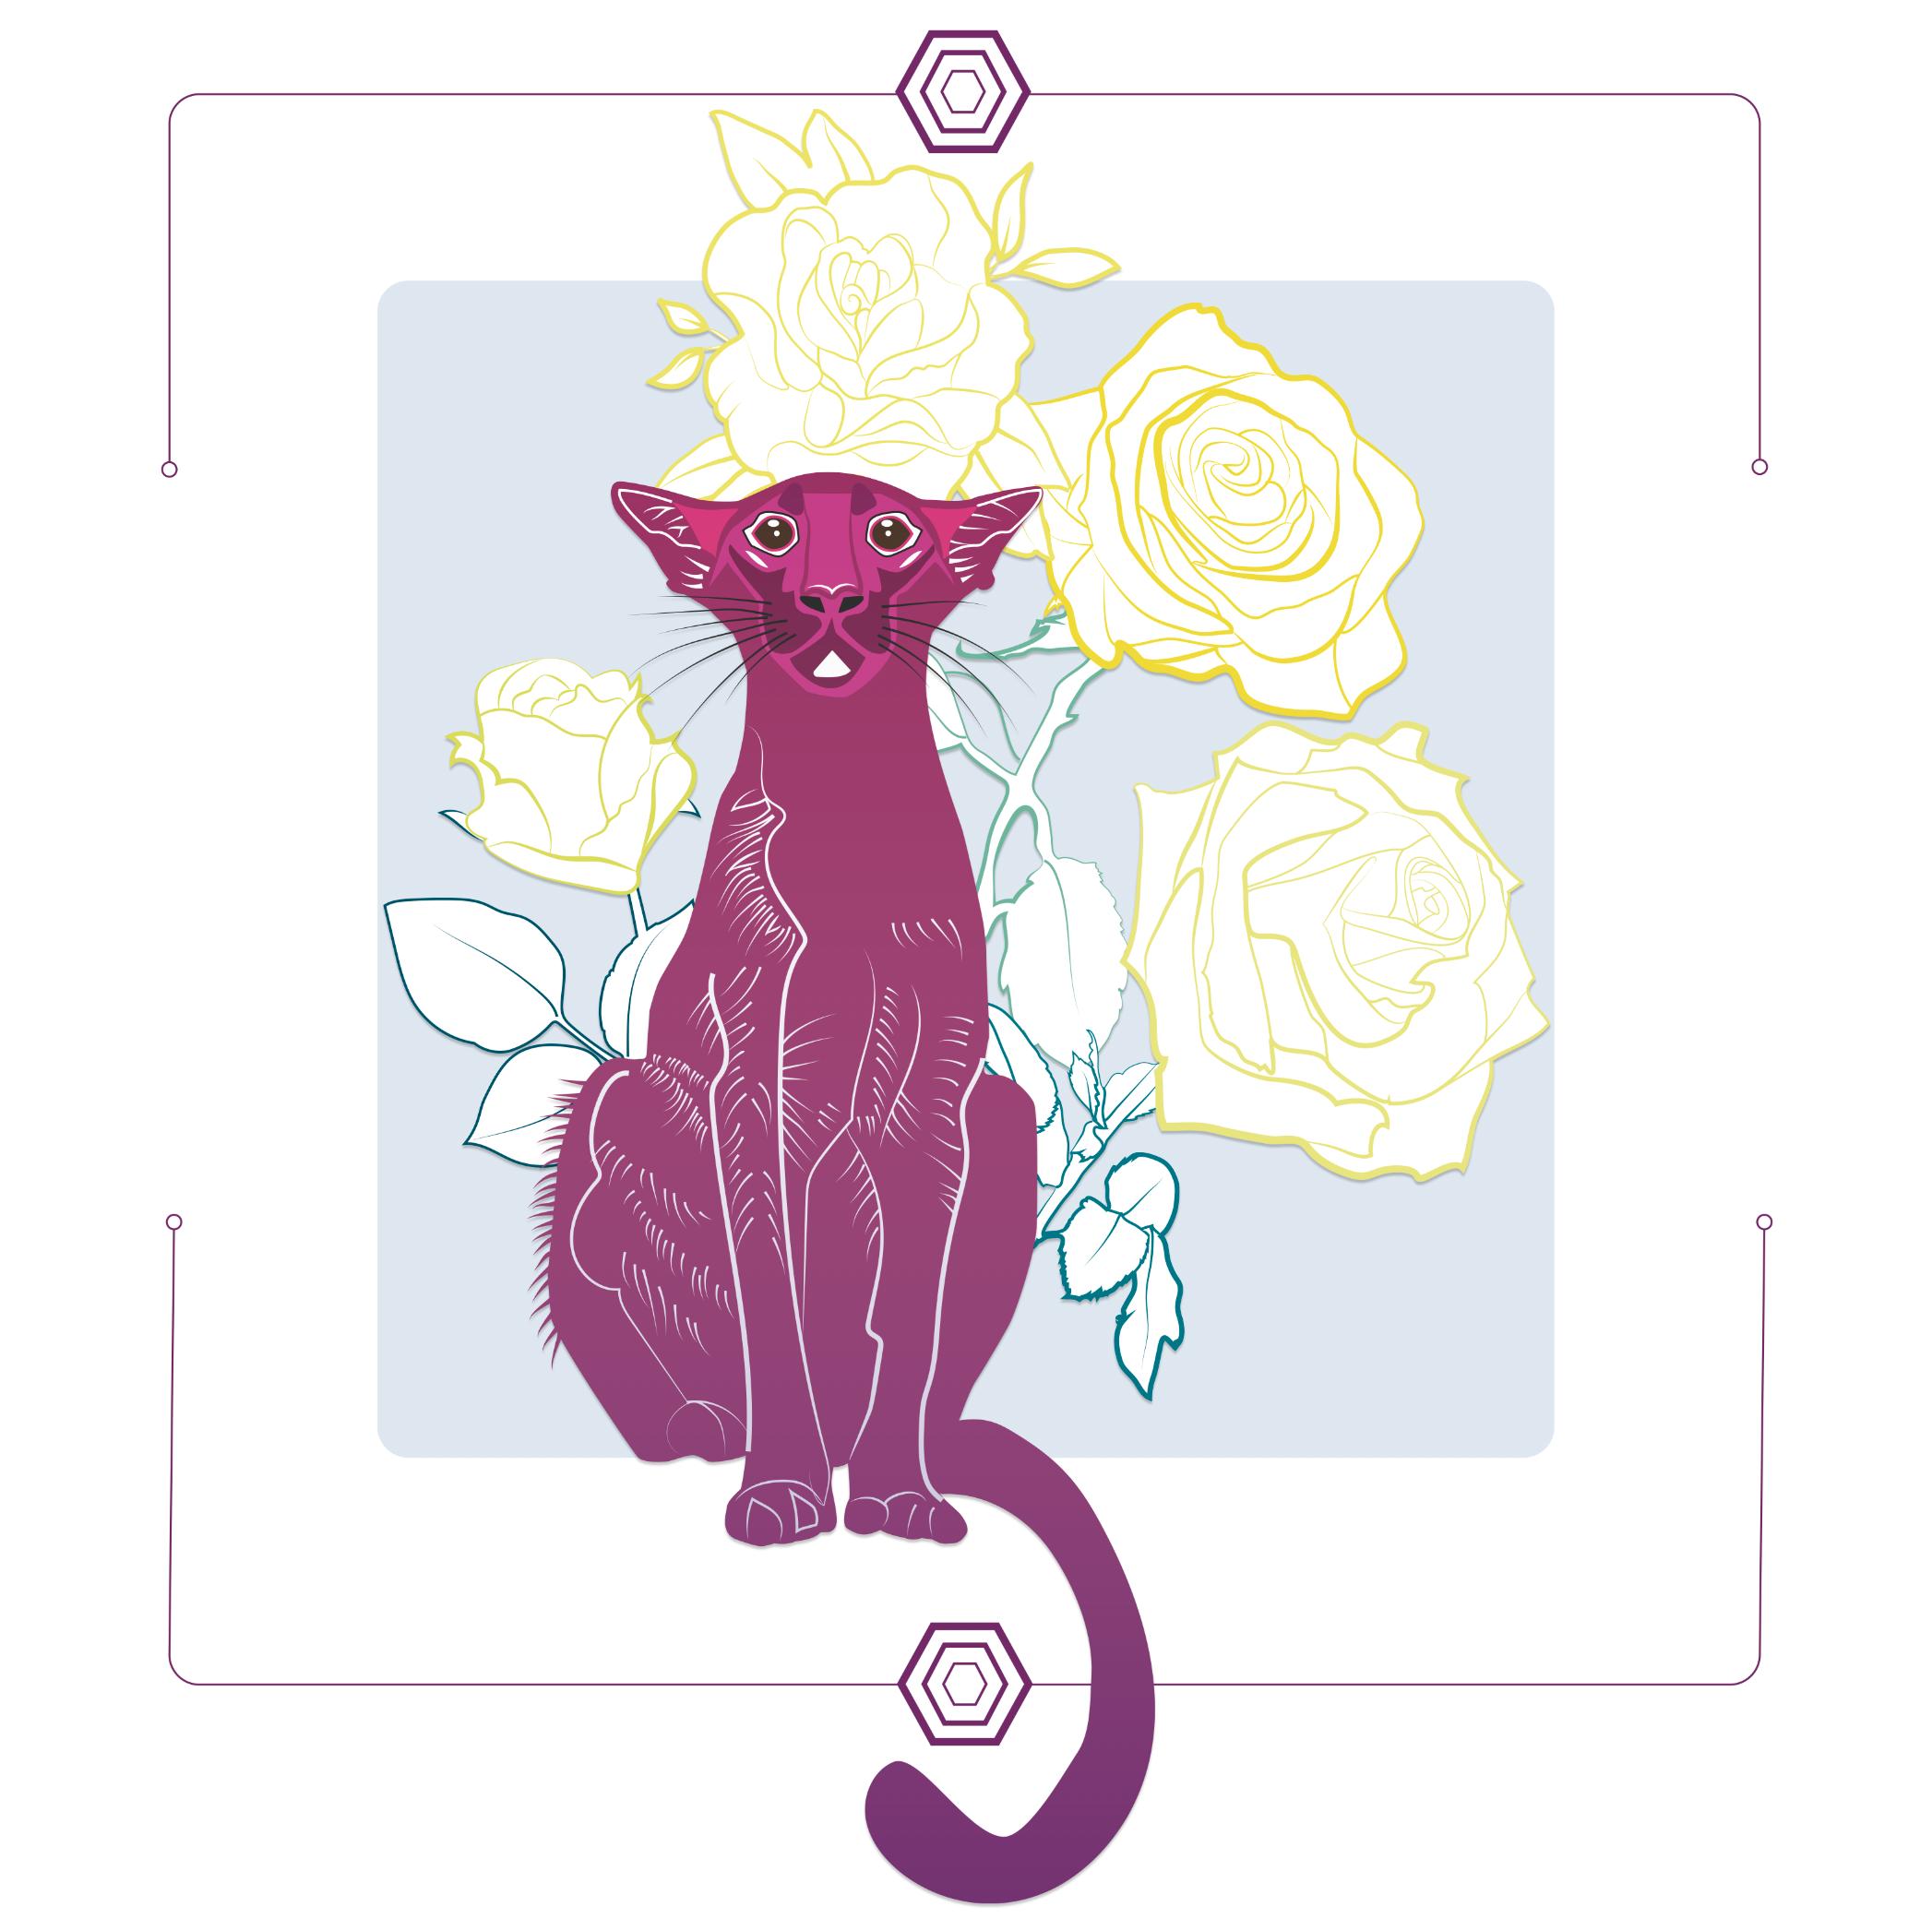 Roses jaunes et chat rose